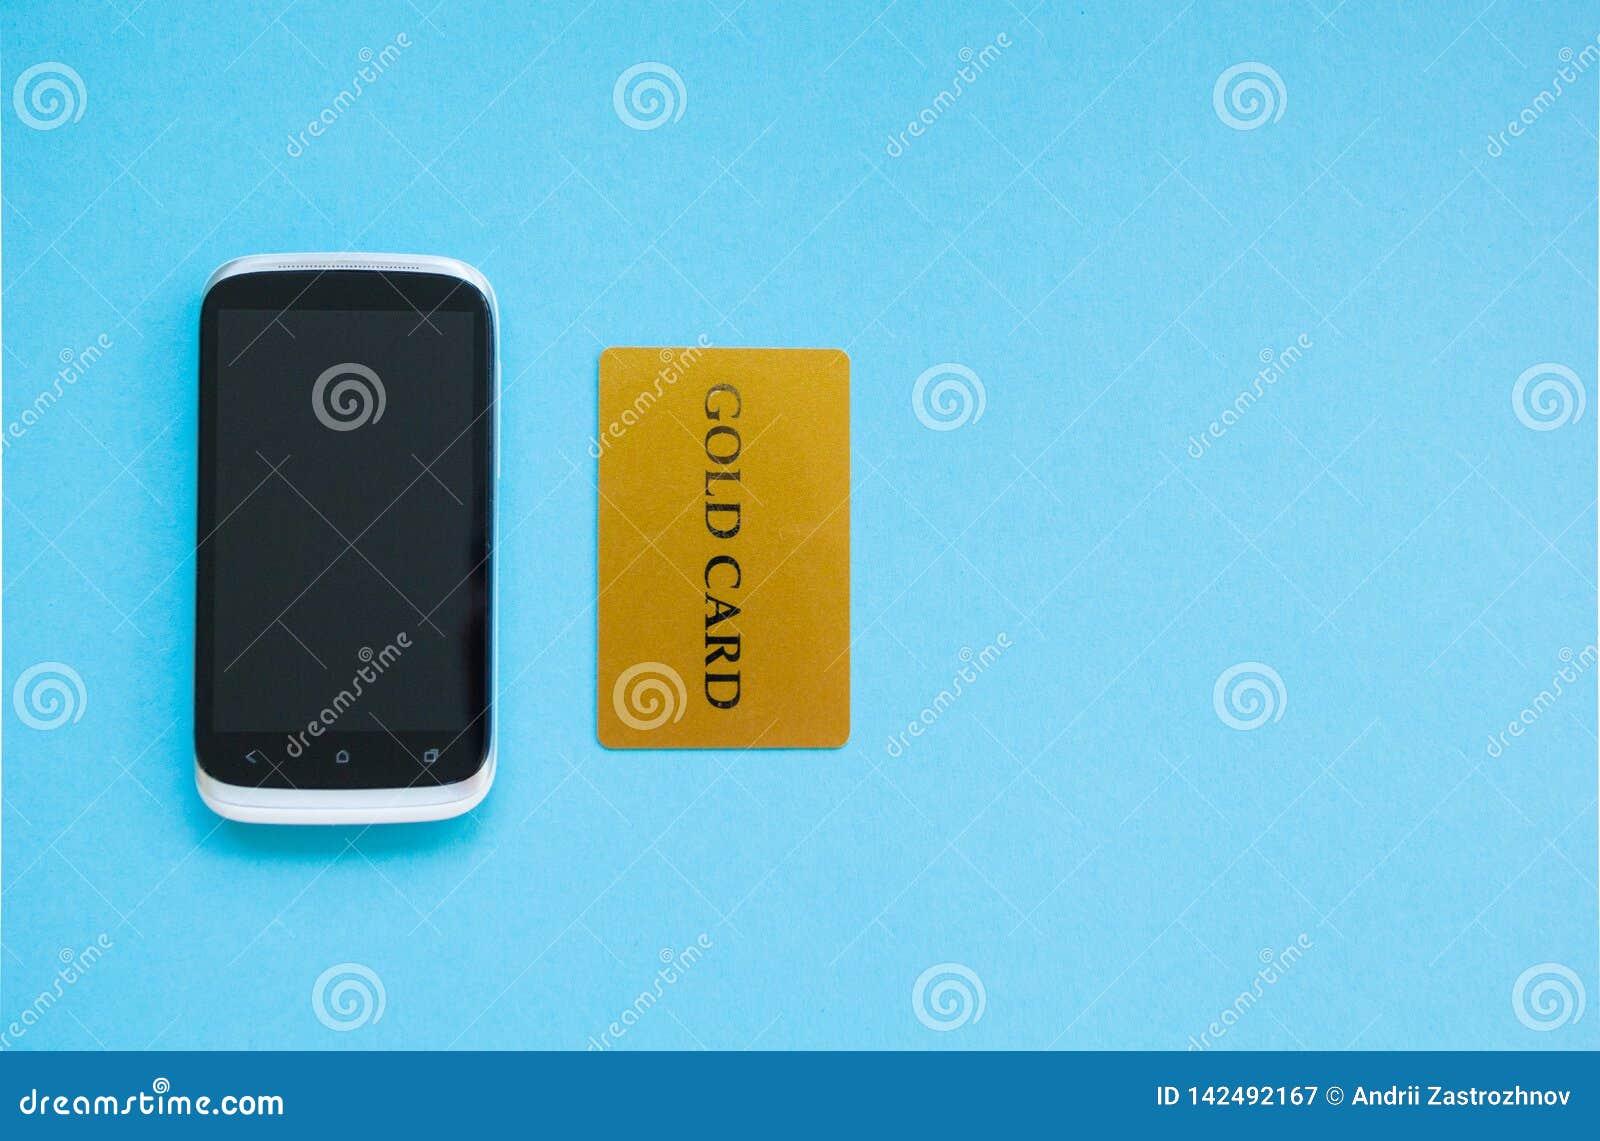 Comprando productos en línea, pago usando una tarjeta de crédito, concepto que hace compras en línea